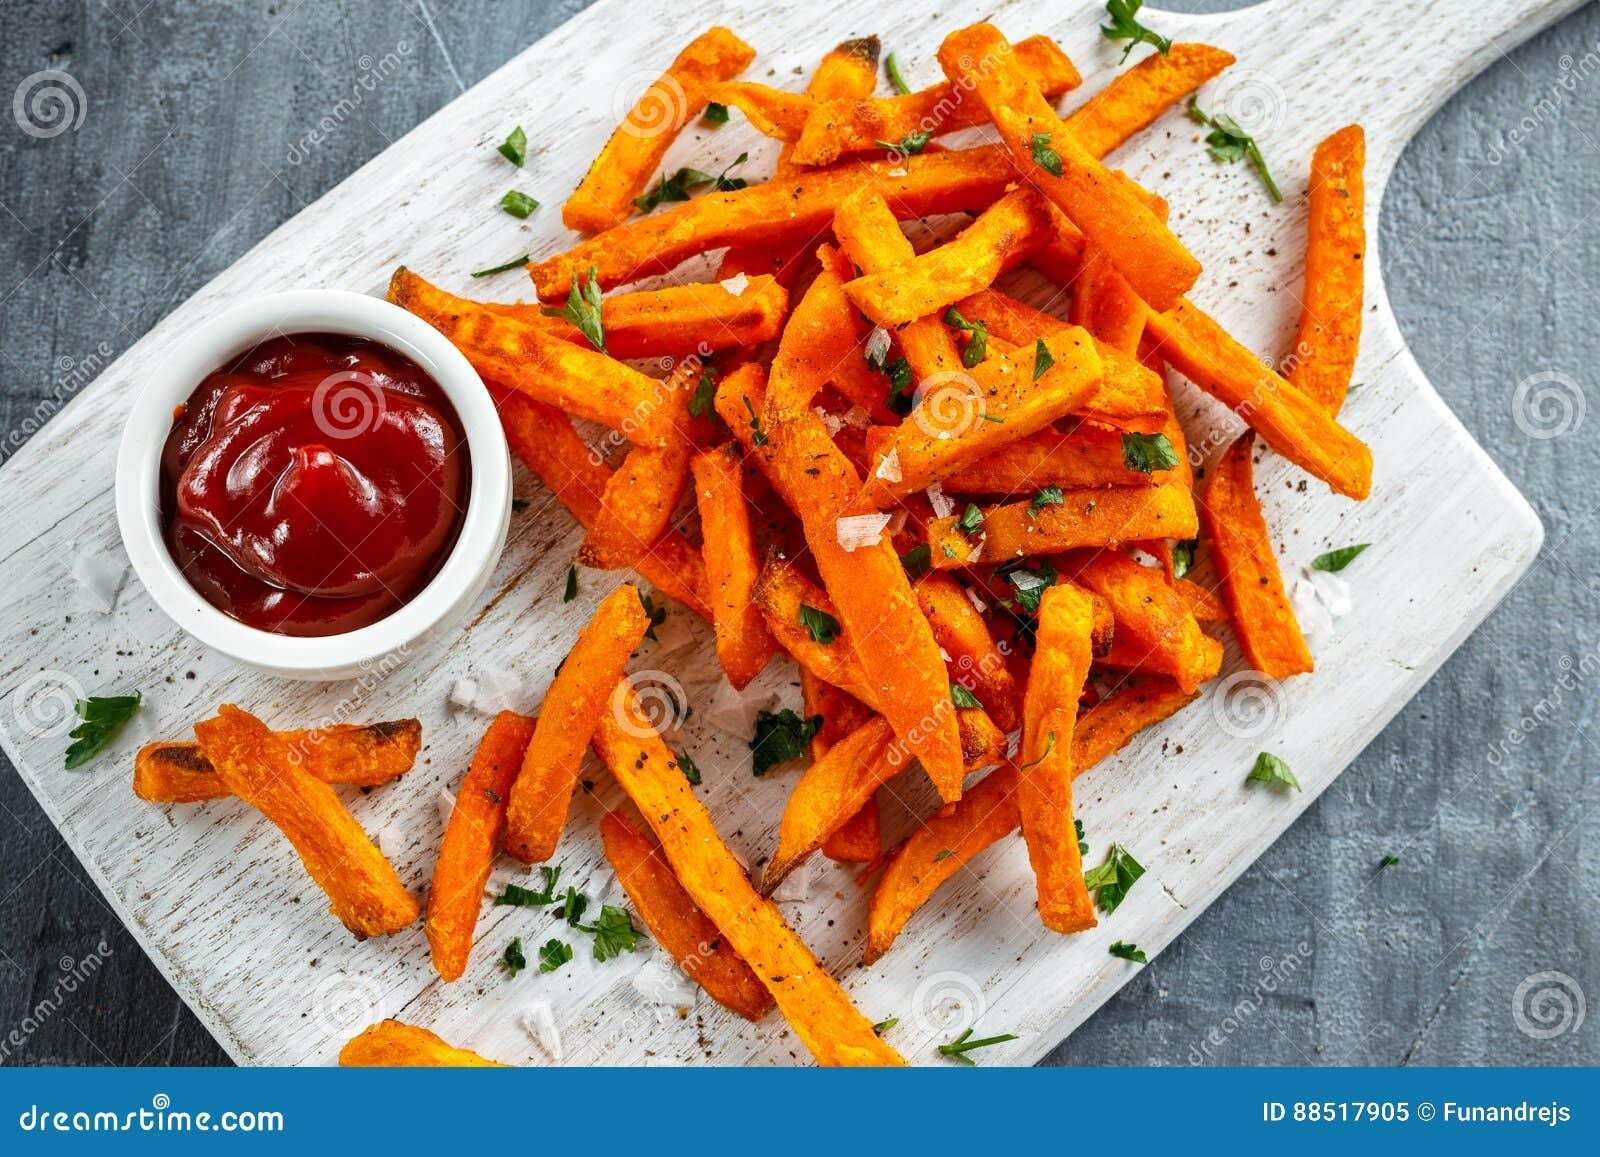 La patate douce orange cuite au four faite maison saine fait frire avec le ketchup, le sel, poivre sur le conseil en bois blanc